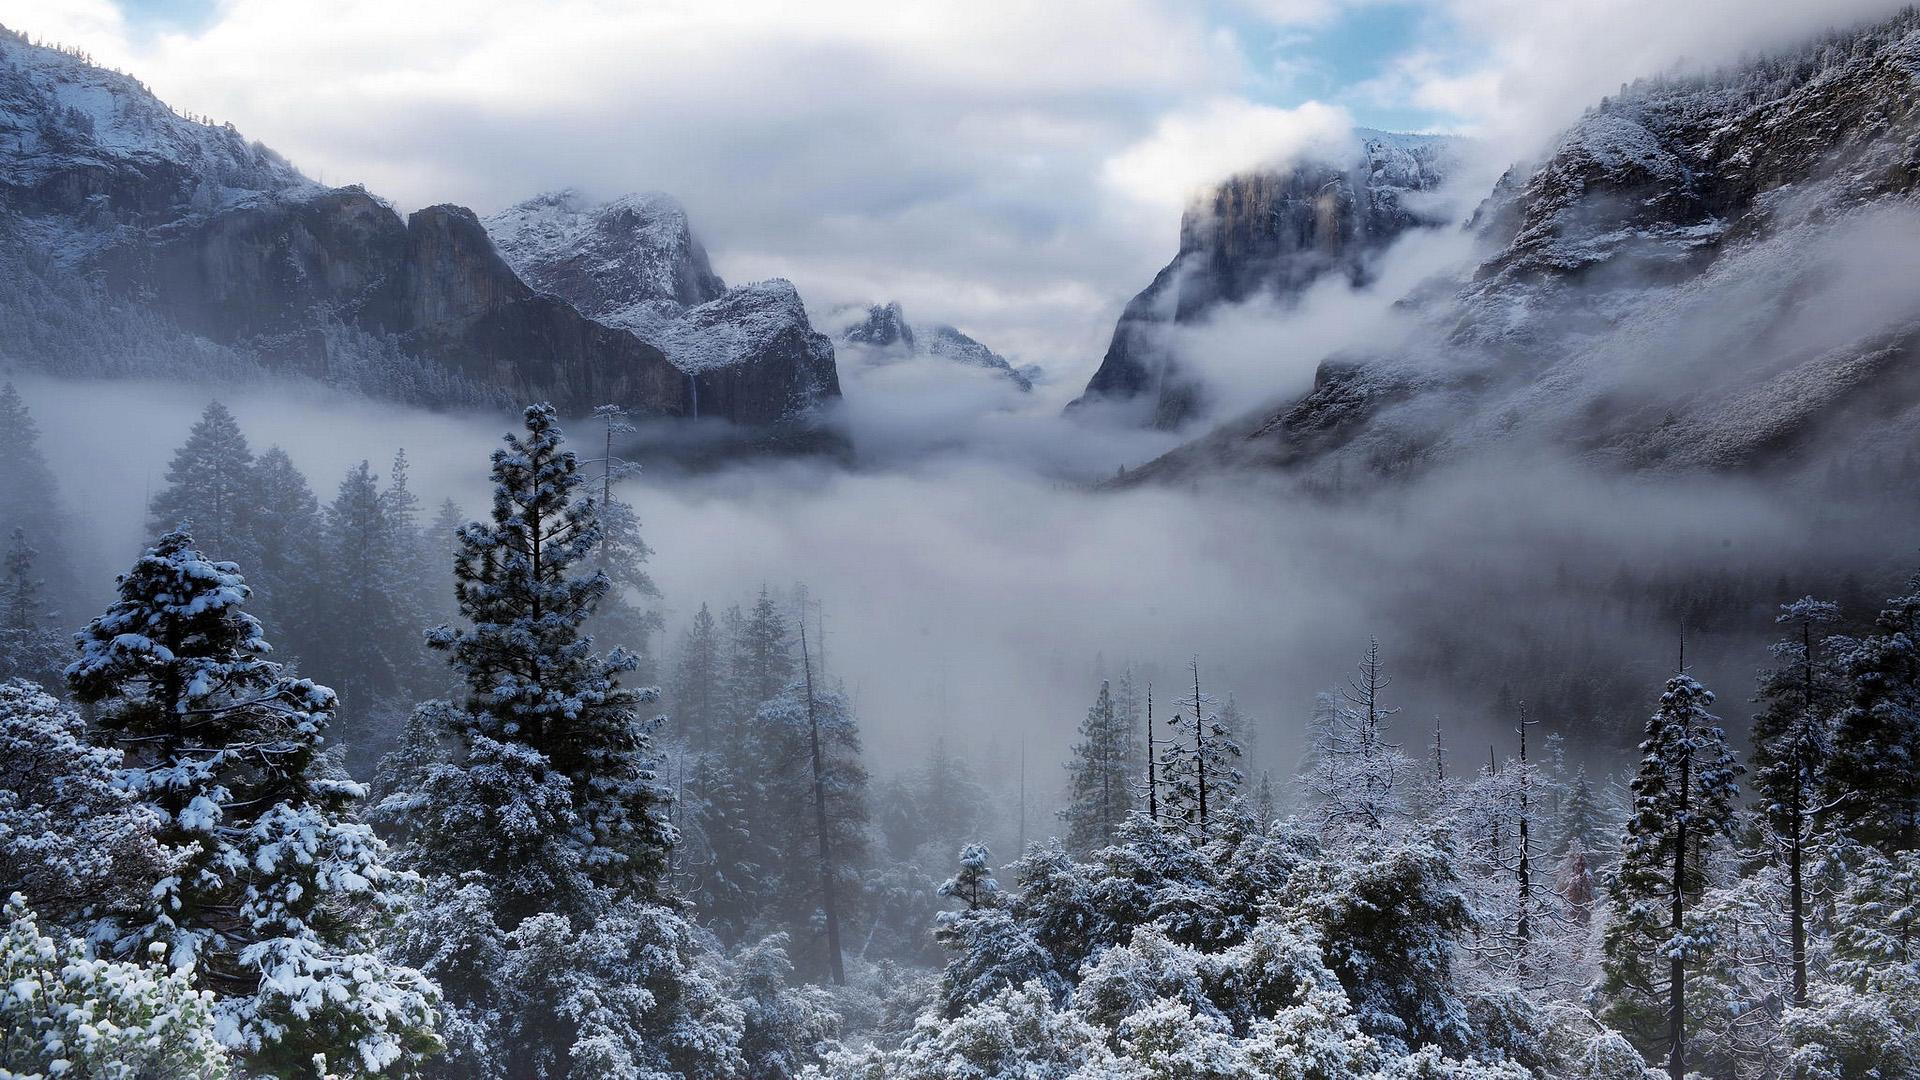 картинки на аву зимние красивые природа хотелось